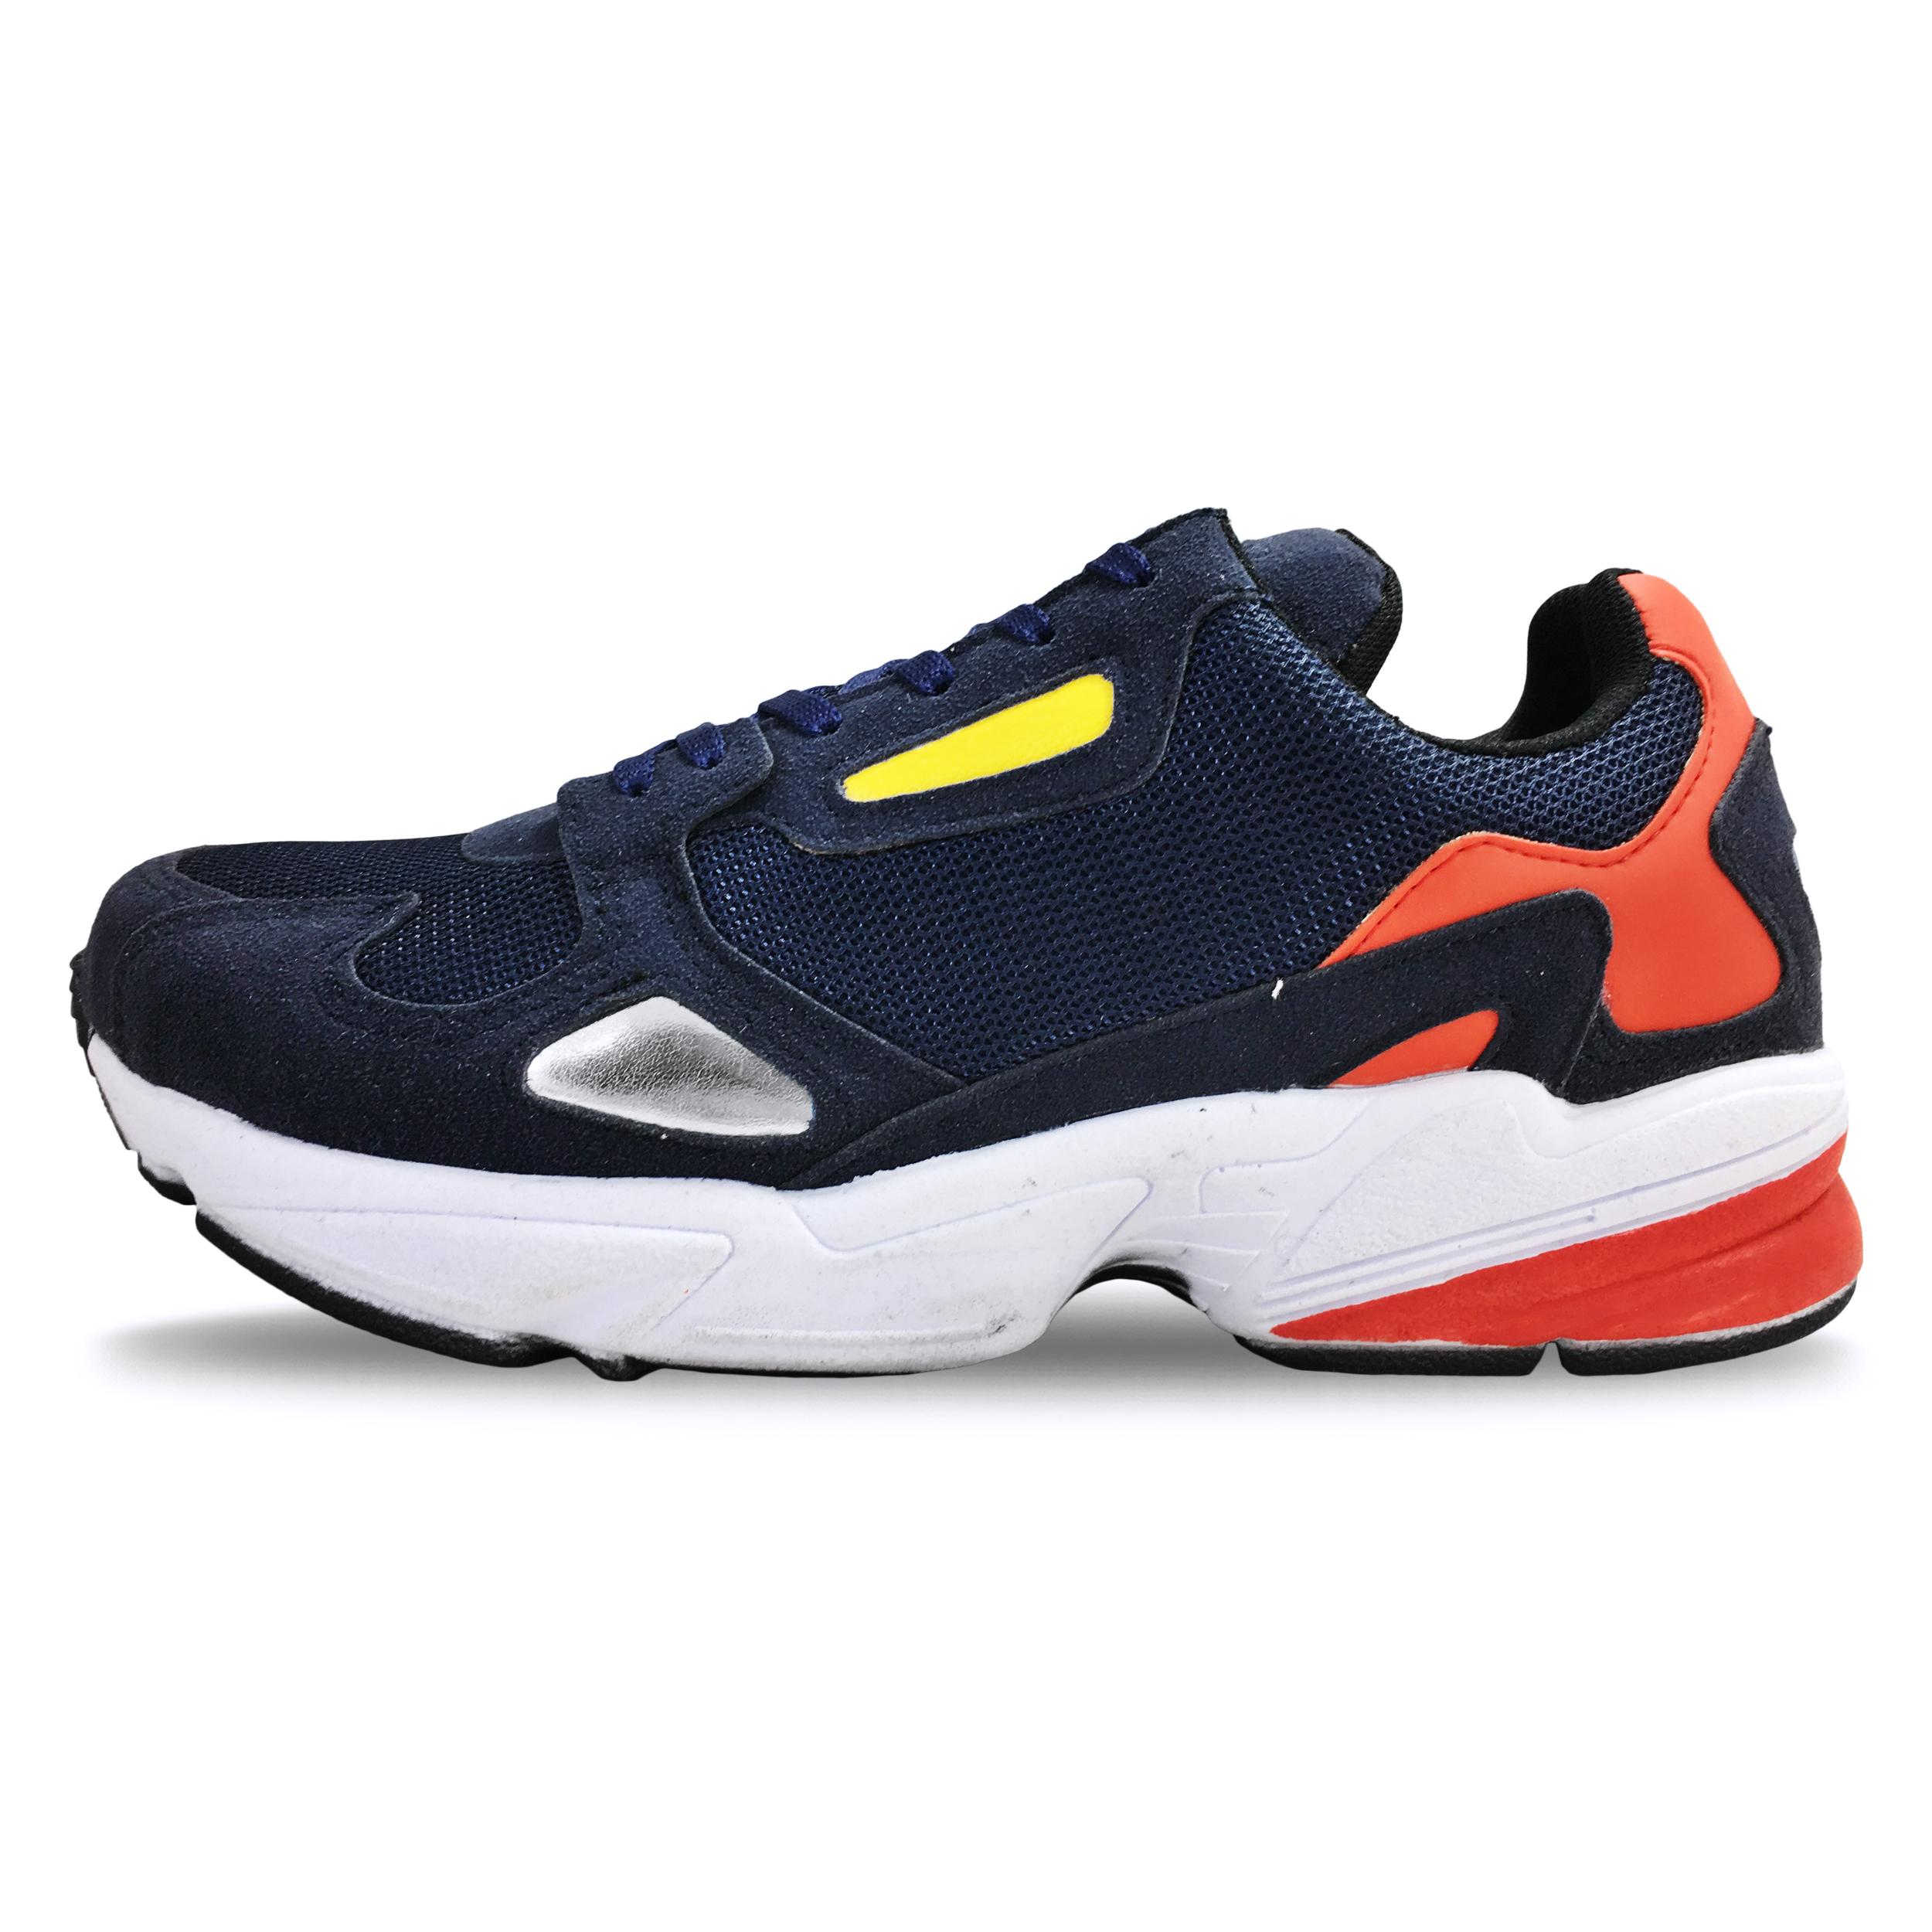 قیمت کفش مخصوص پیاده روی مردانه مدل فالکن کد 3545